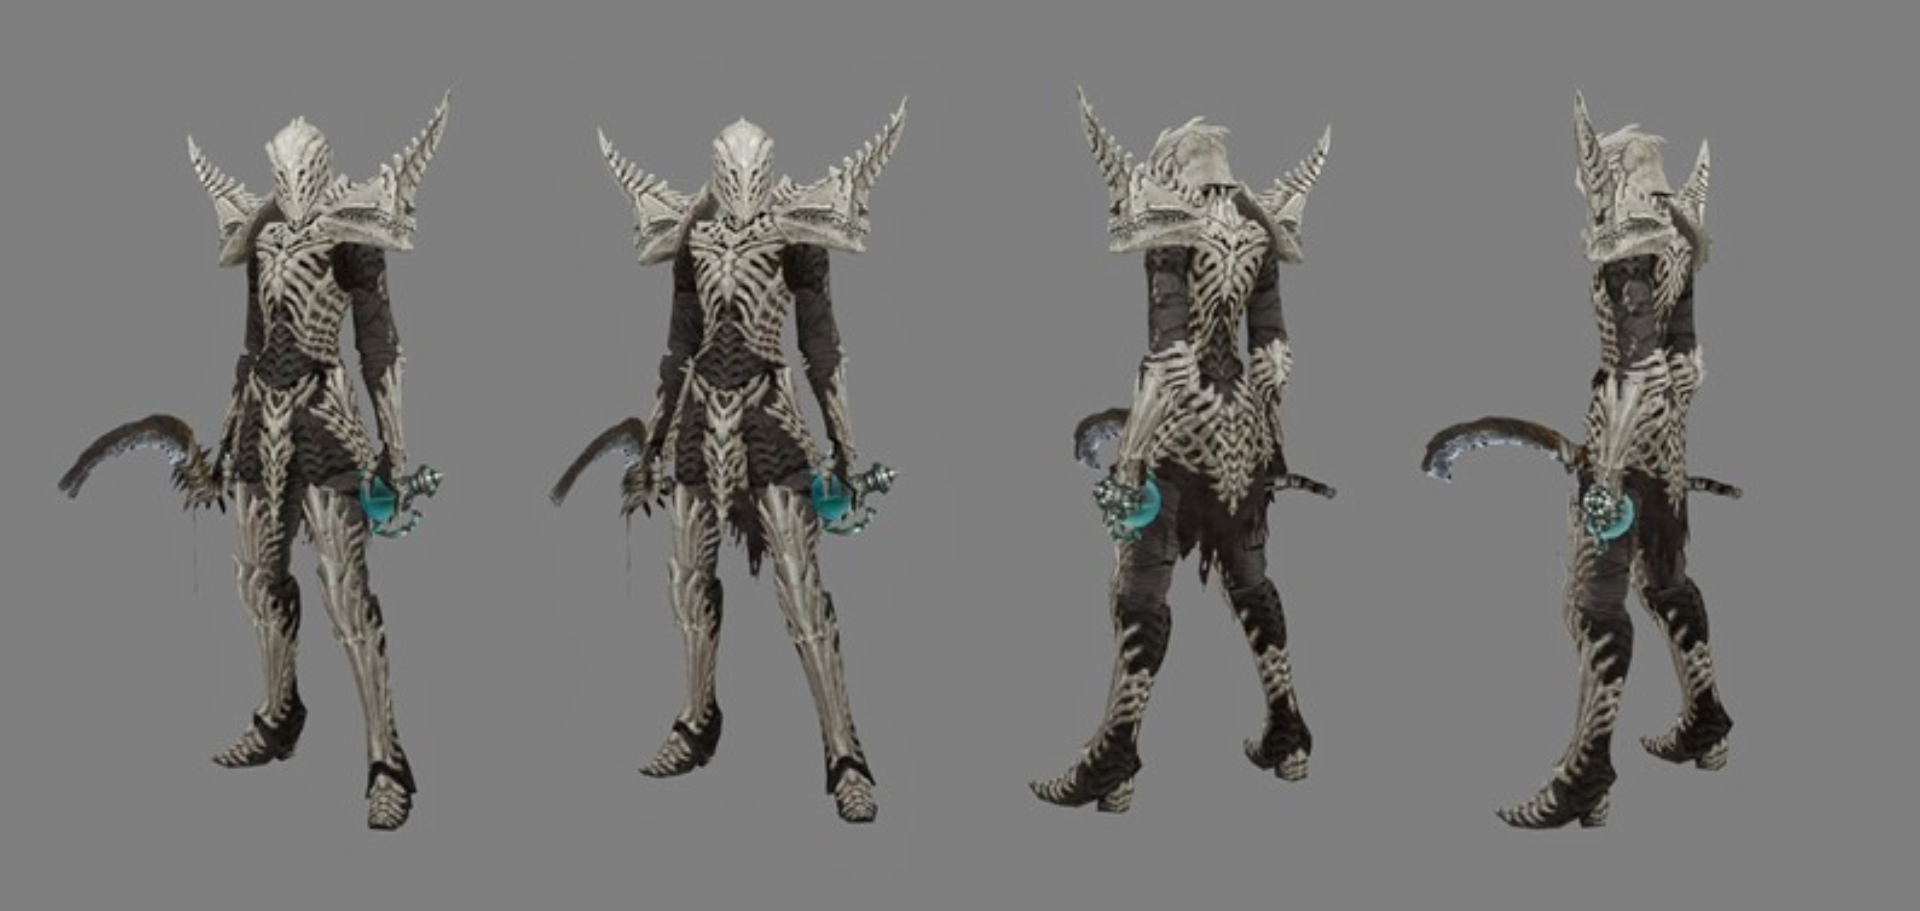 Ascensão do Necromante: conheça o update de Diablo 3 e seu herói rockstar